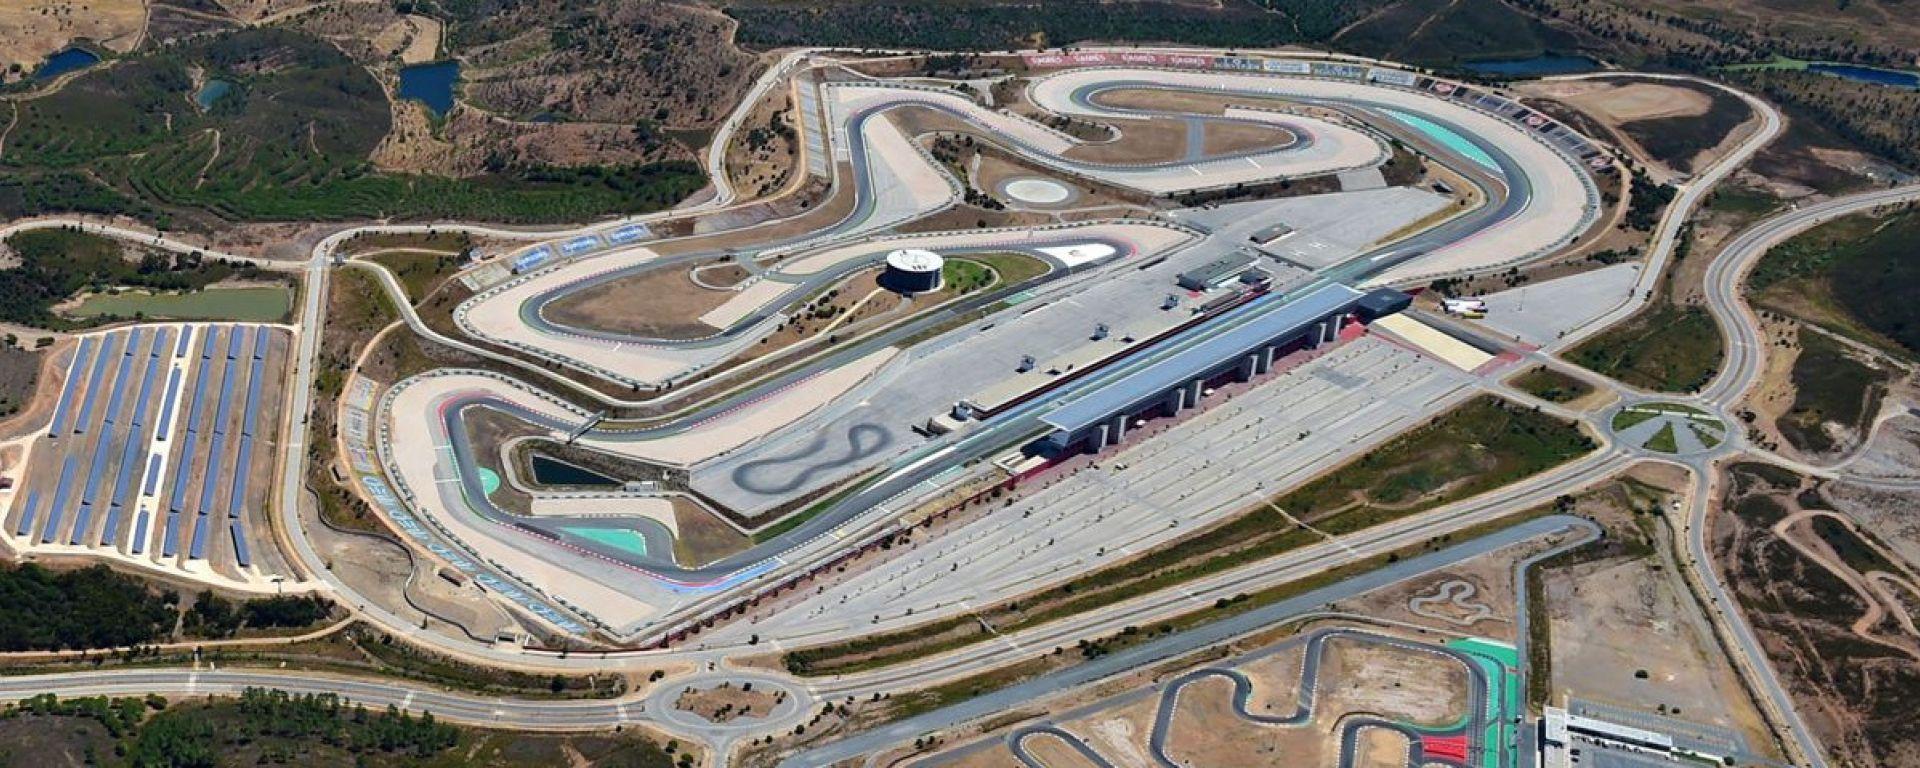 Il circuito dell'Algarve, Portimao